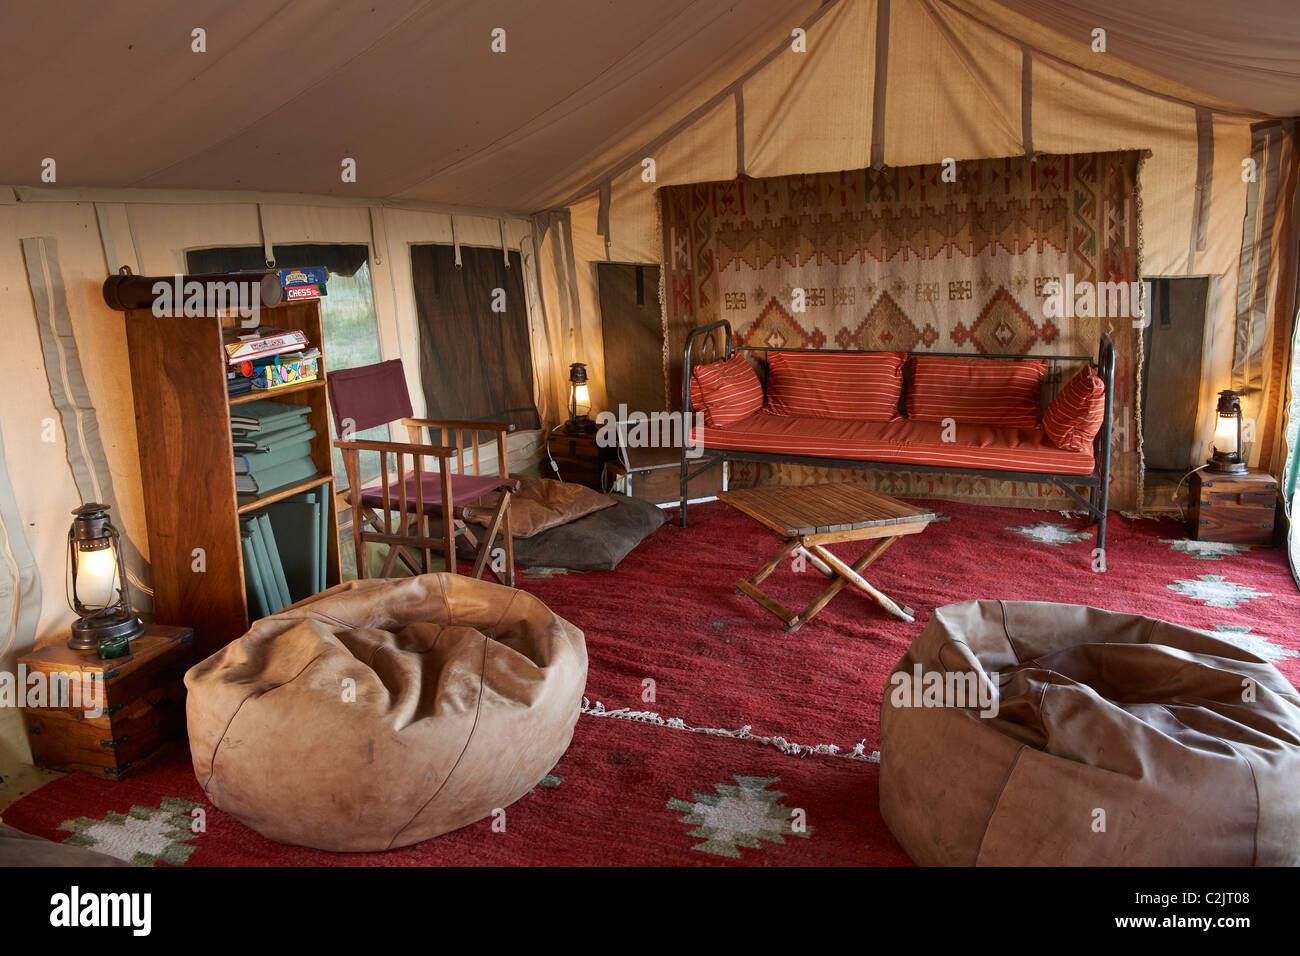 Zelt Im Wohnzimmer Tipi Zelt Von Infanskids Kinderzimmer White